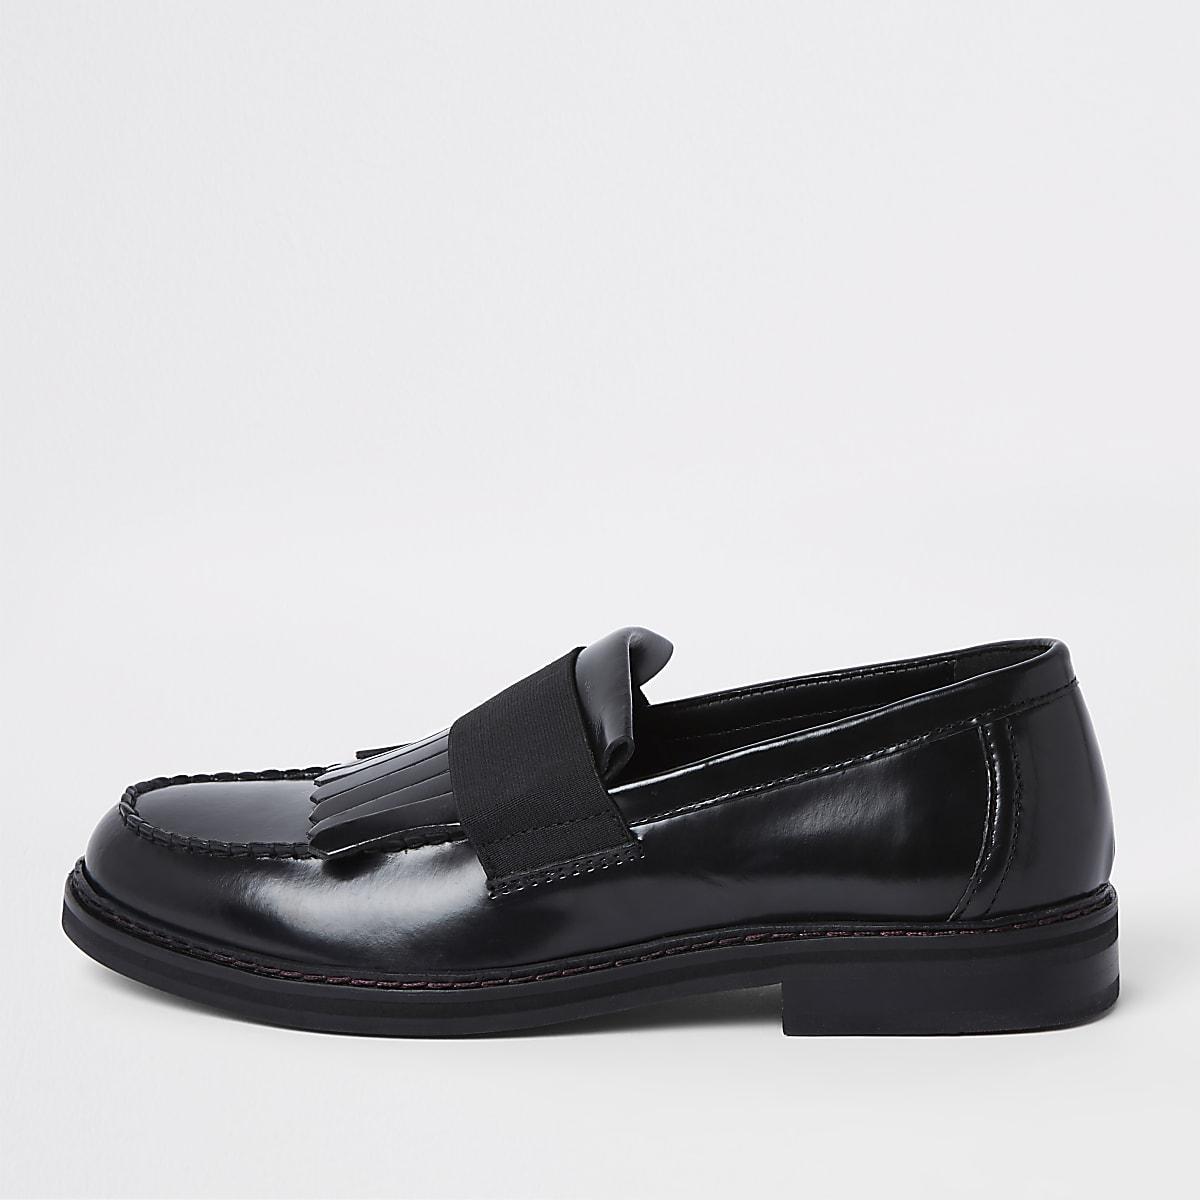 Black leather fringe loafers